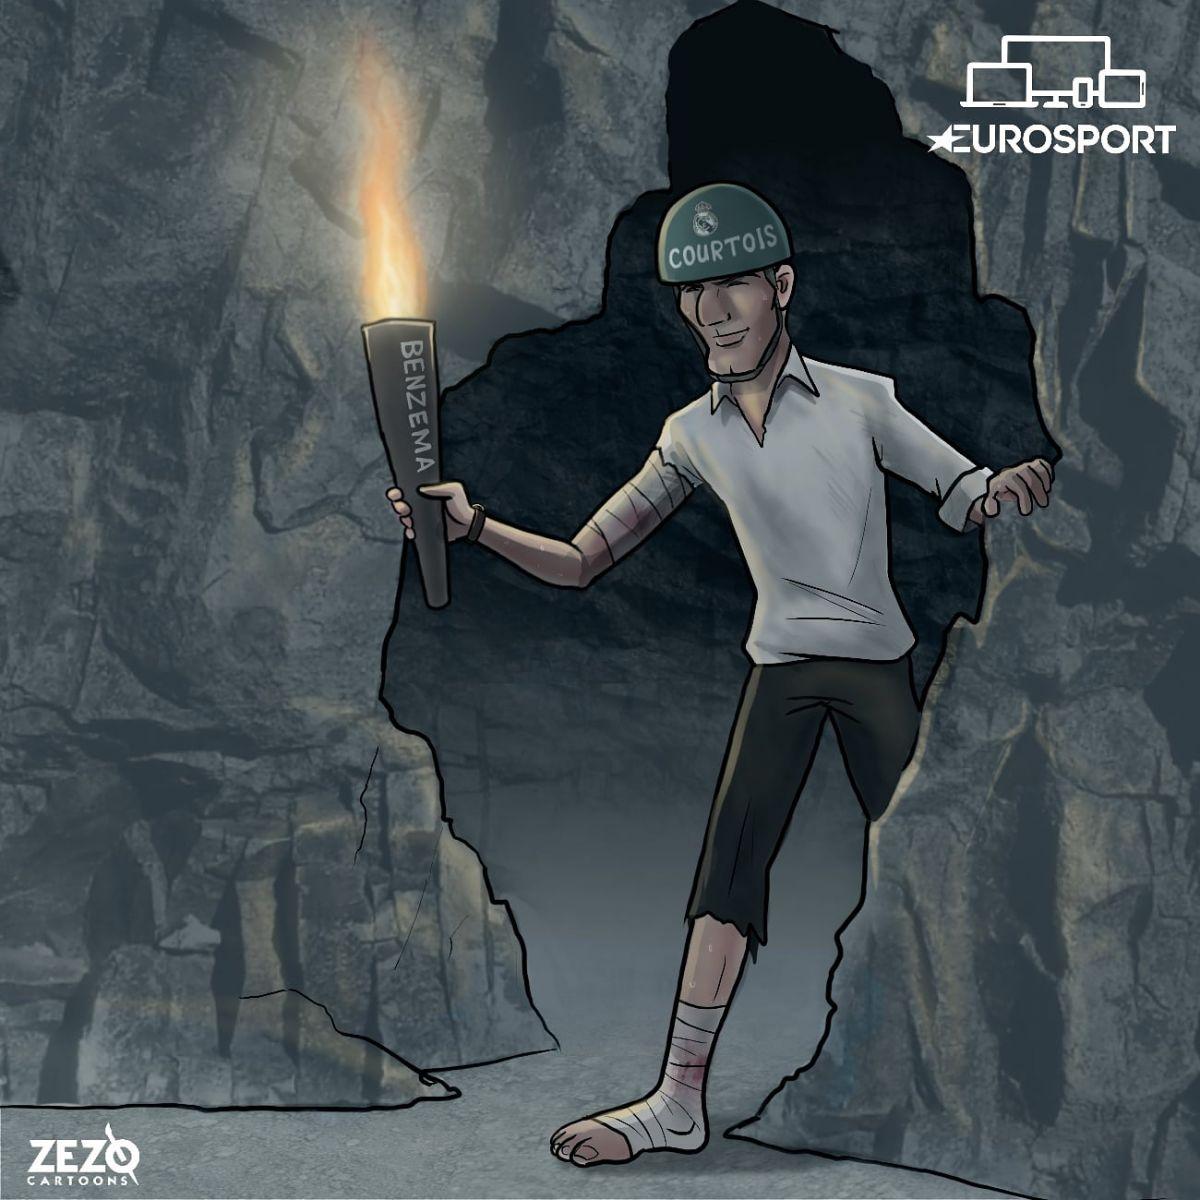 Karikatura: Zidan va uning jamoasi yana o'ziga o'xshamoqda